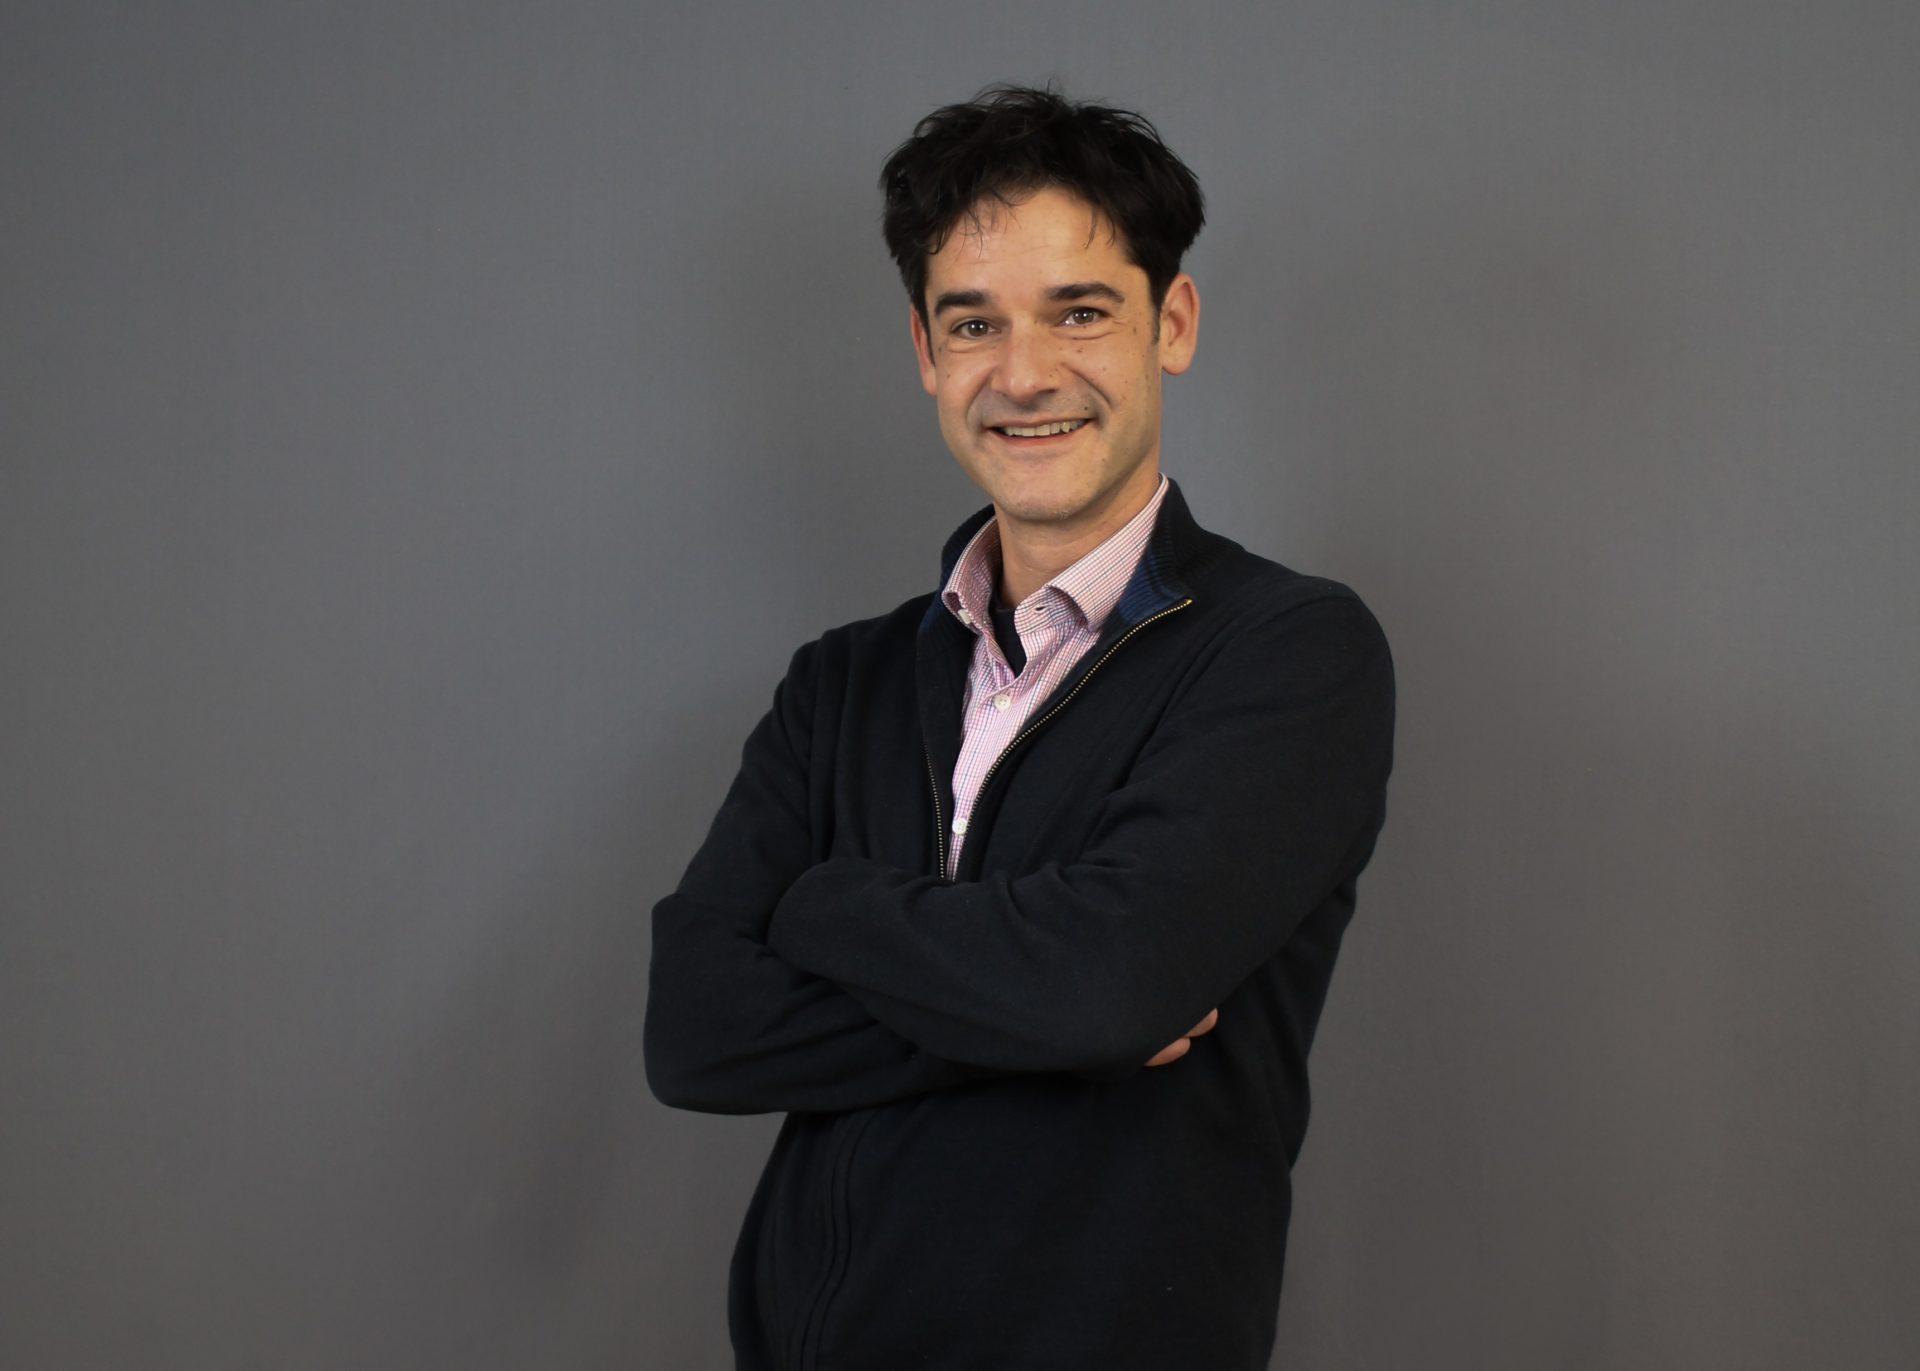 Ein Portrait von Karsten Wabnitz vor einem grauen Hintergrund